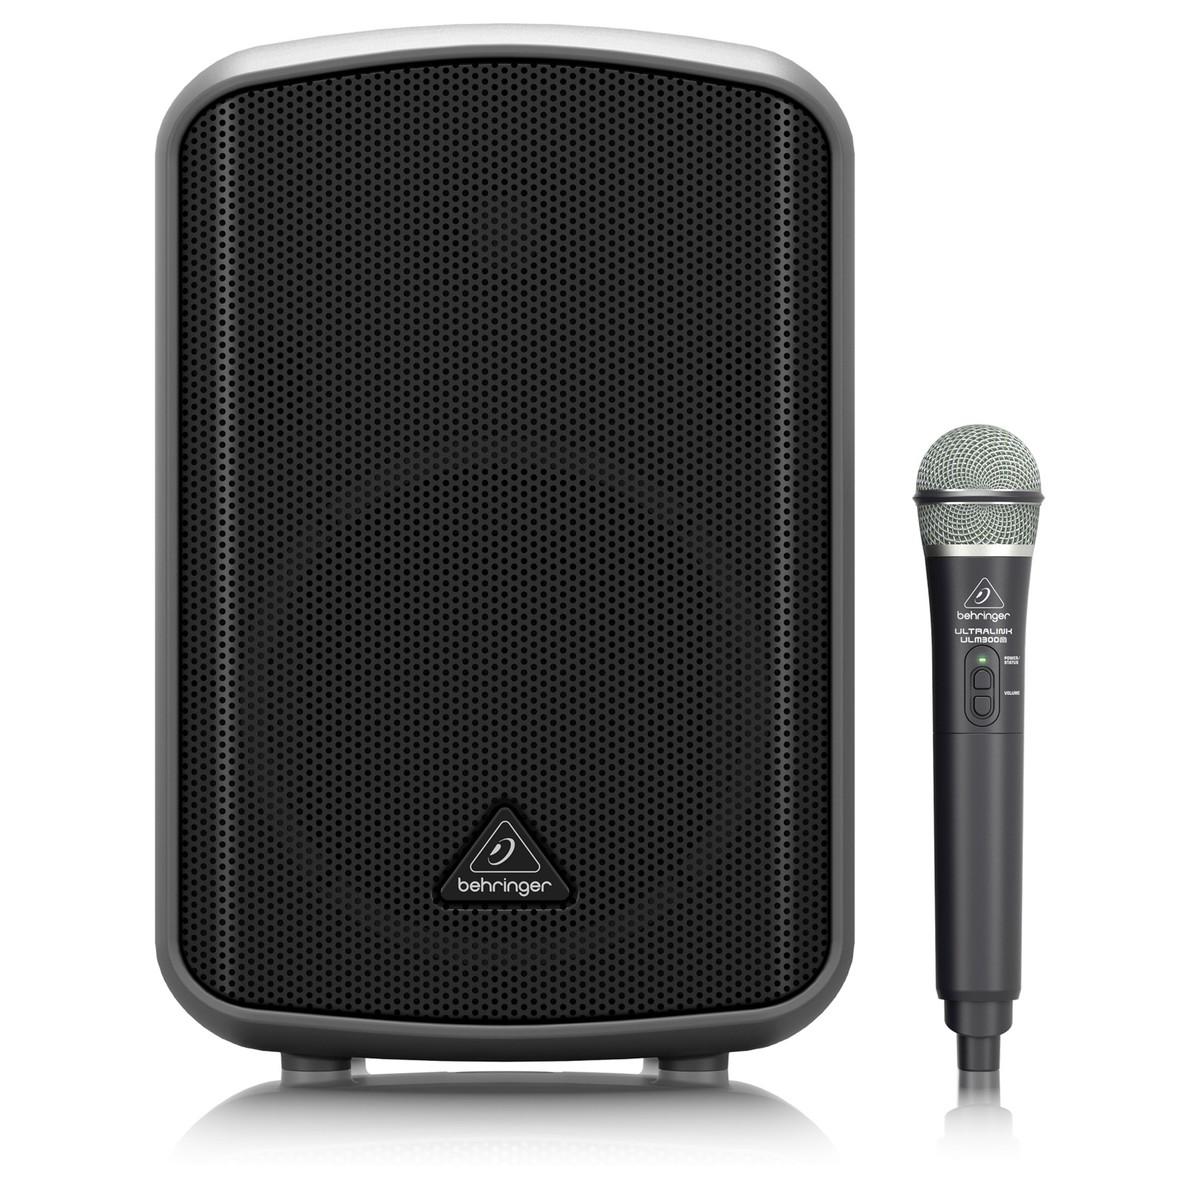 behringer europort mpa200bt portable pa speaker at gear4music. Black Bedroom Furniture Sets. Home Design Ideas